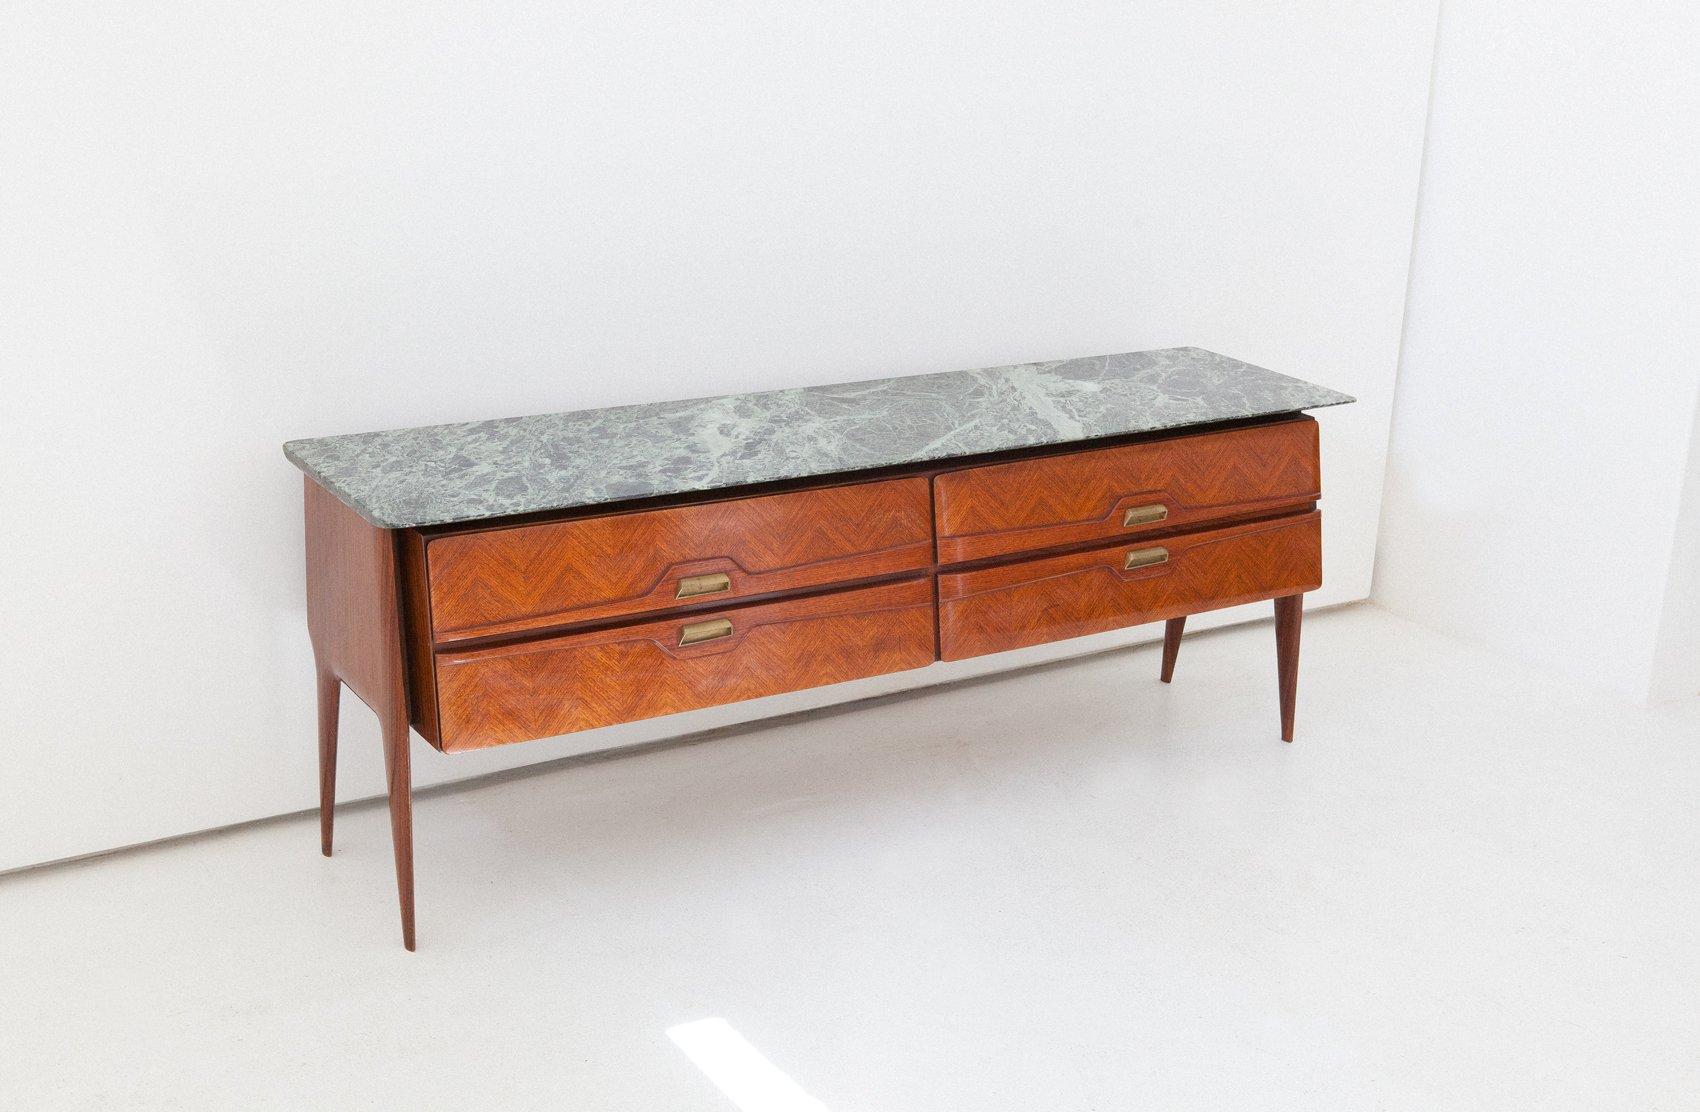 Italienische mid century kommode mit marmorplatte 1950er for Italienische stil kommode